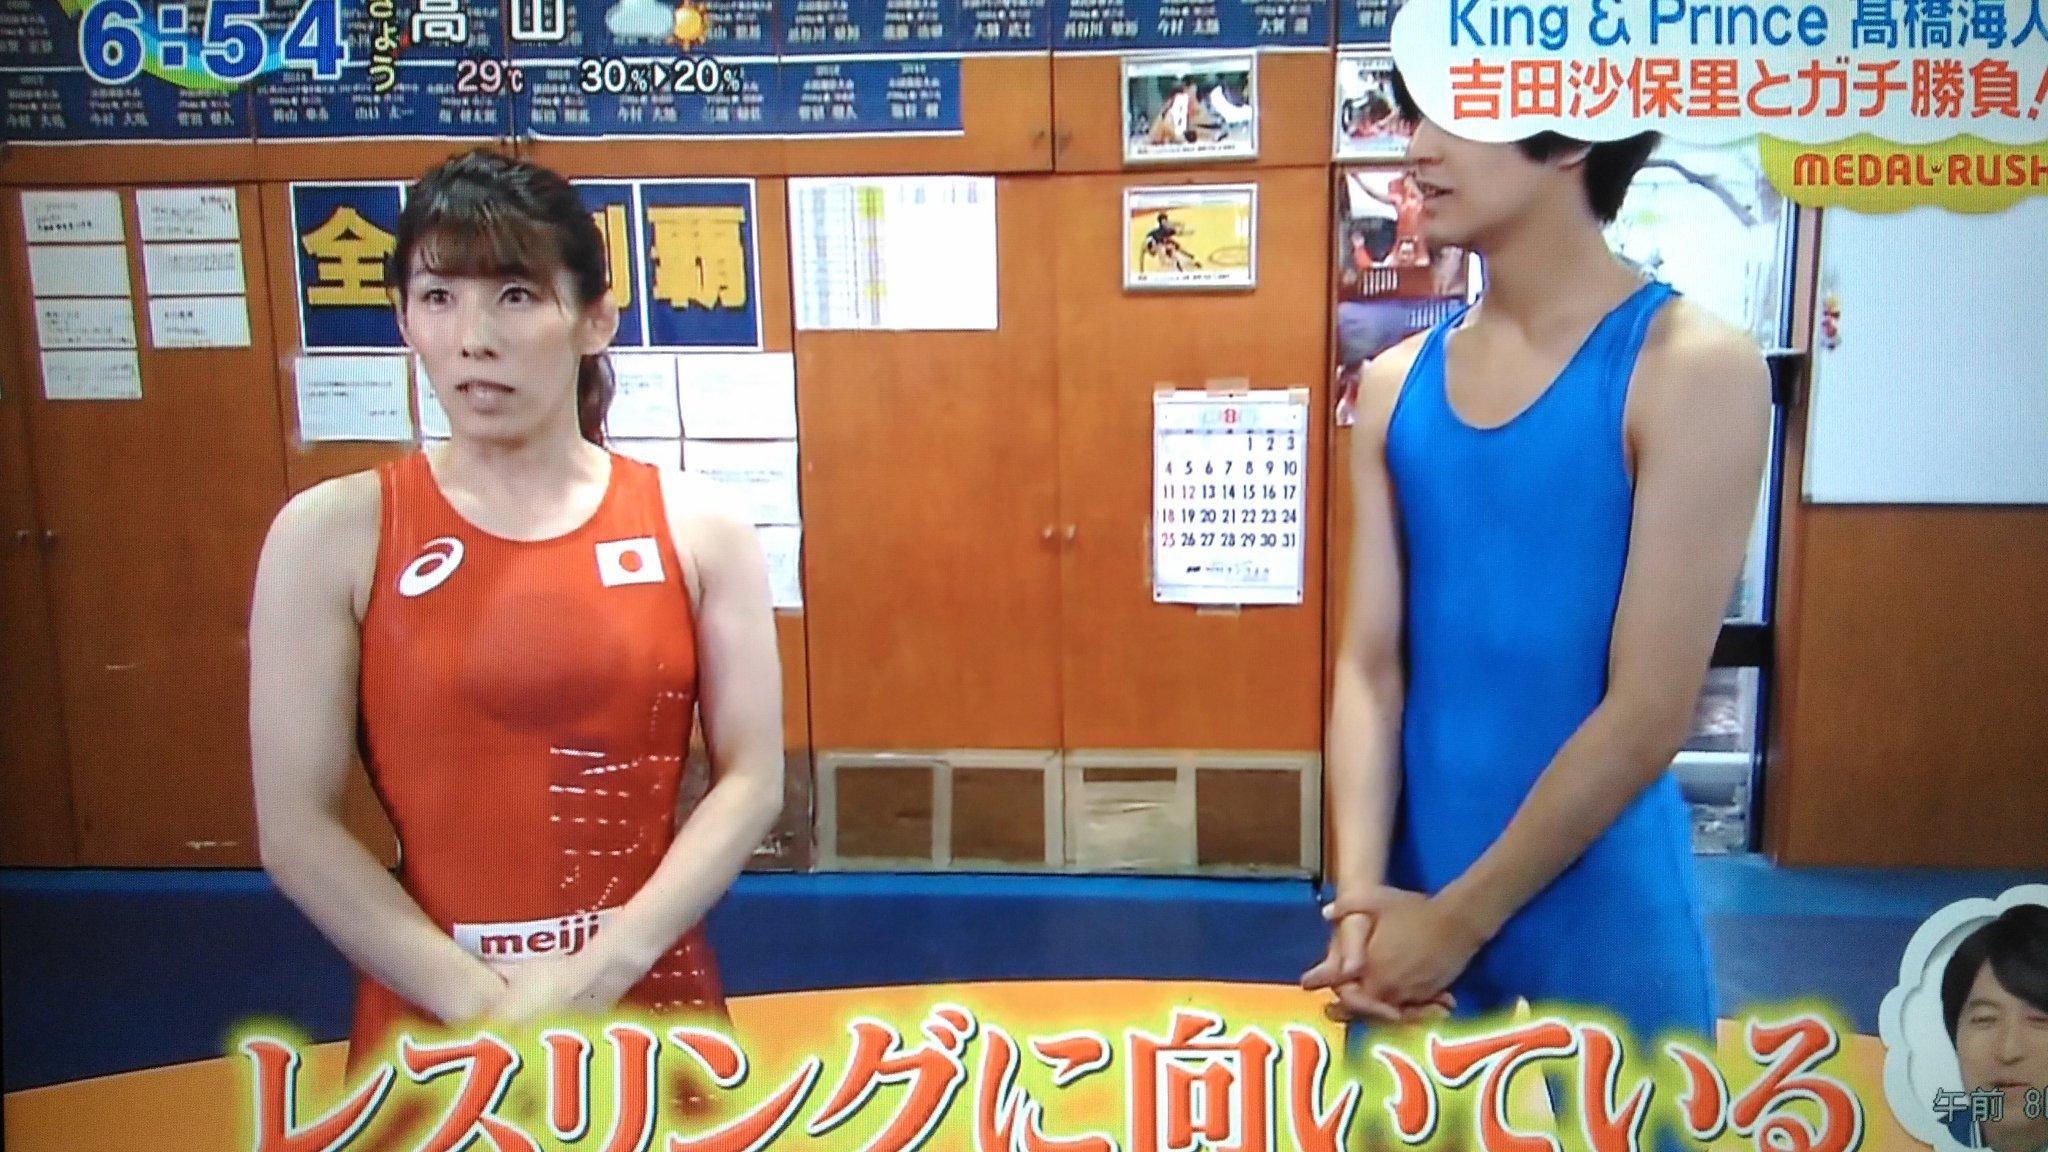 高橋海人は運動神経がいいからレスリングもすぐに上達